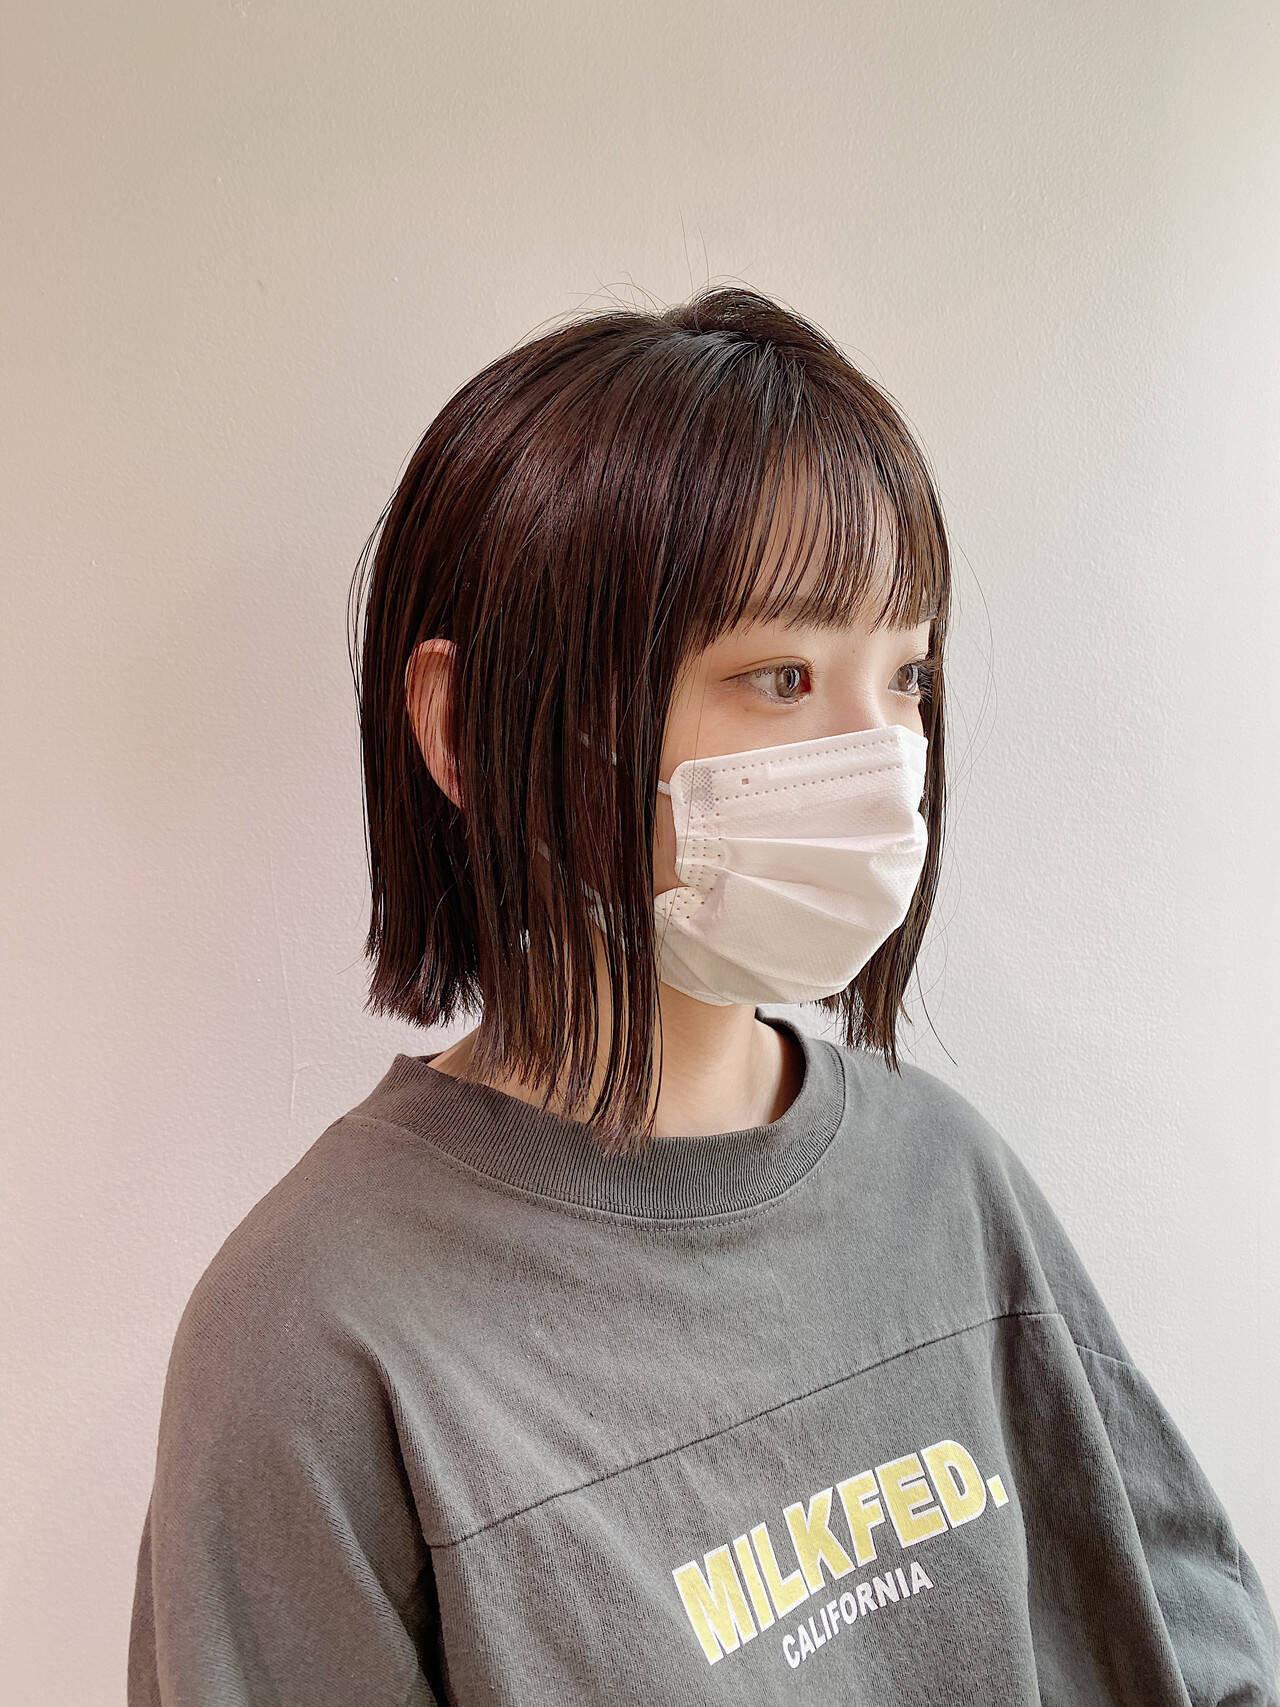 ノグチ ユウキ | GO TODAY SHAiRE SALON 渋谷sol